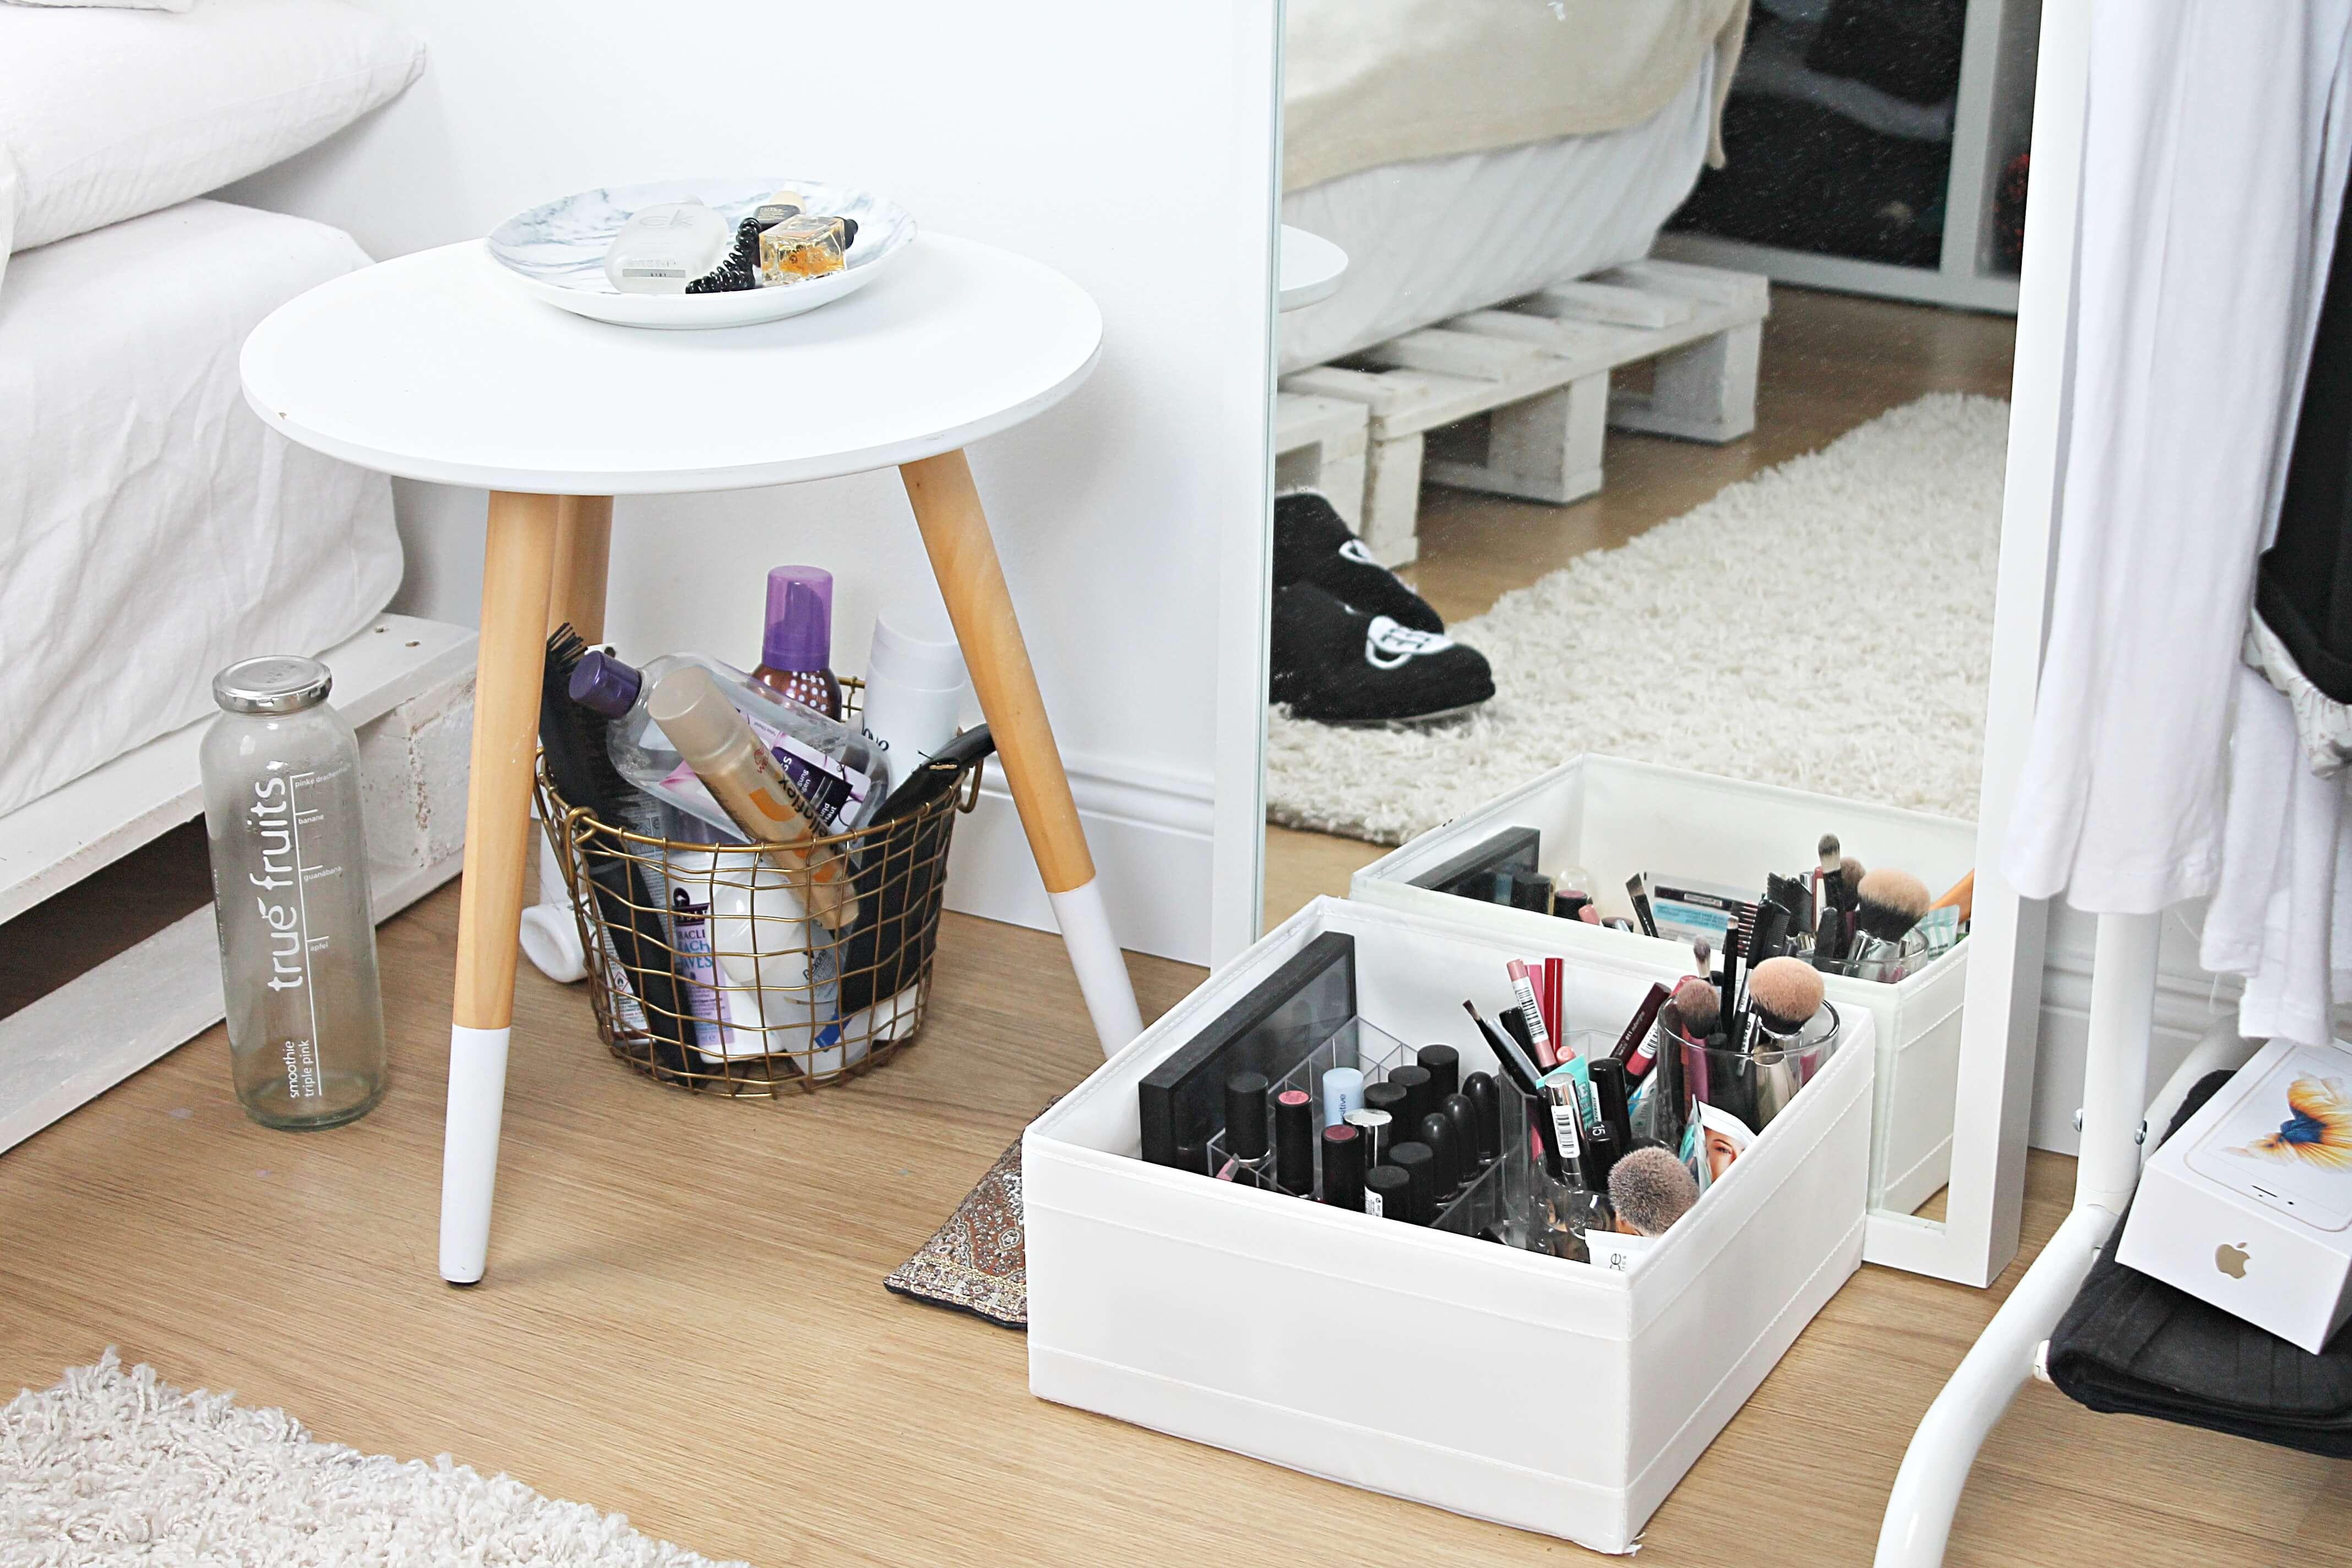 nachttisch interior einrichtung do live. Black Bedroom Furniture Sets. Home Design Ideas